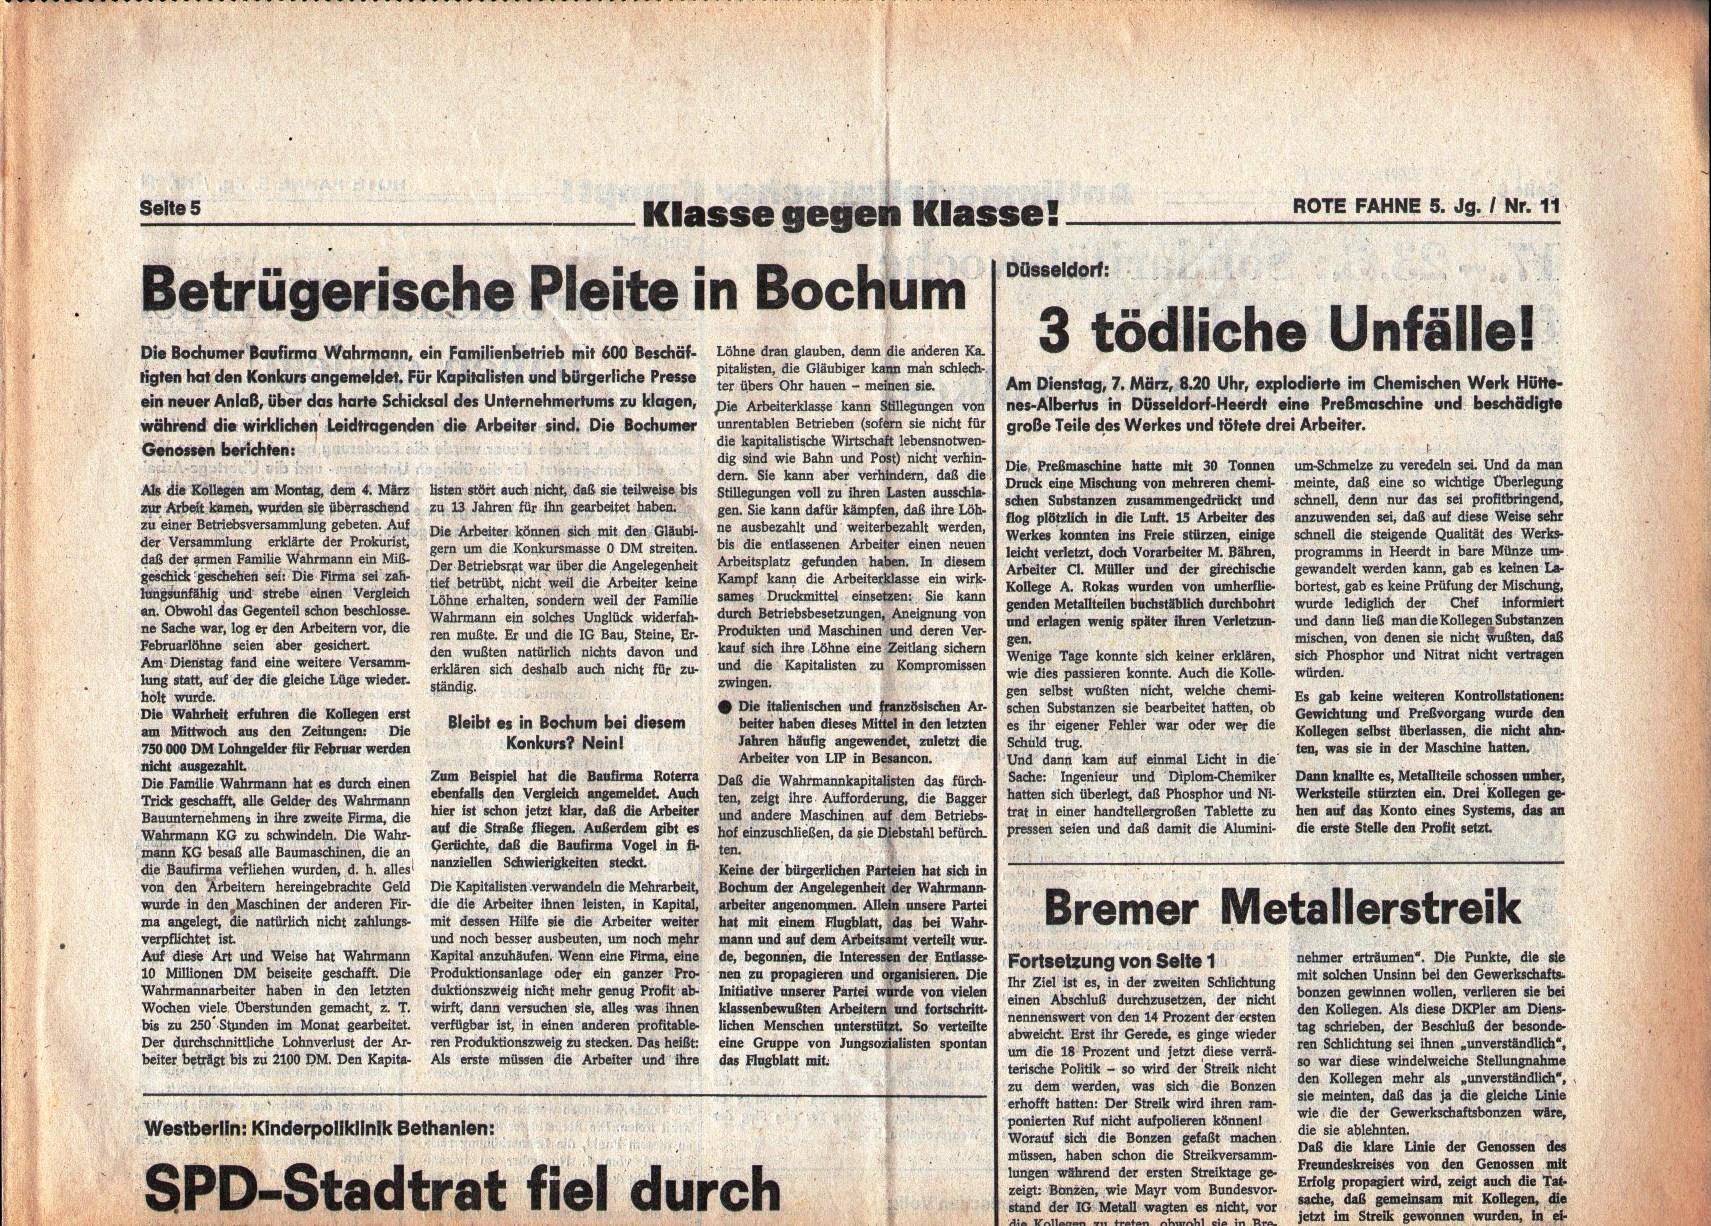 KPD_Rote_Fahne_1974_11_09